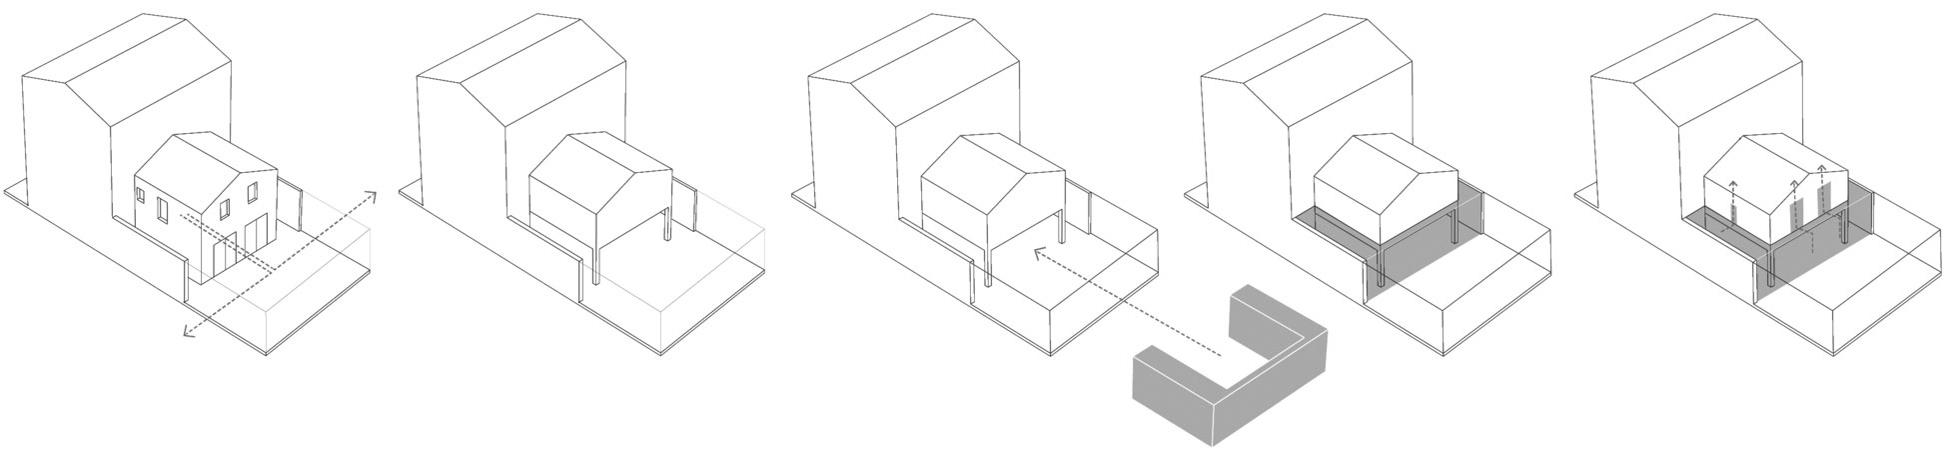 Diagram, Modern Home in London by Bureau de Change Design Office